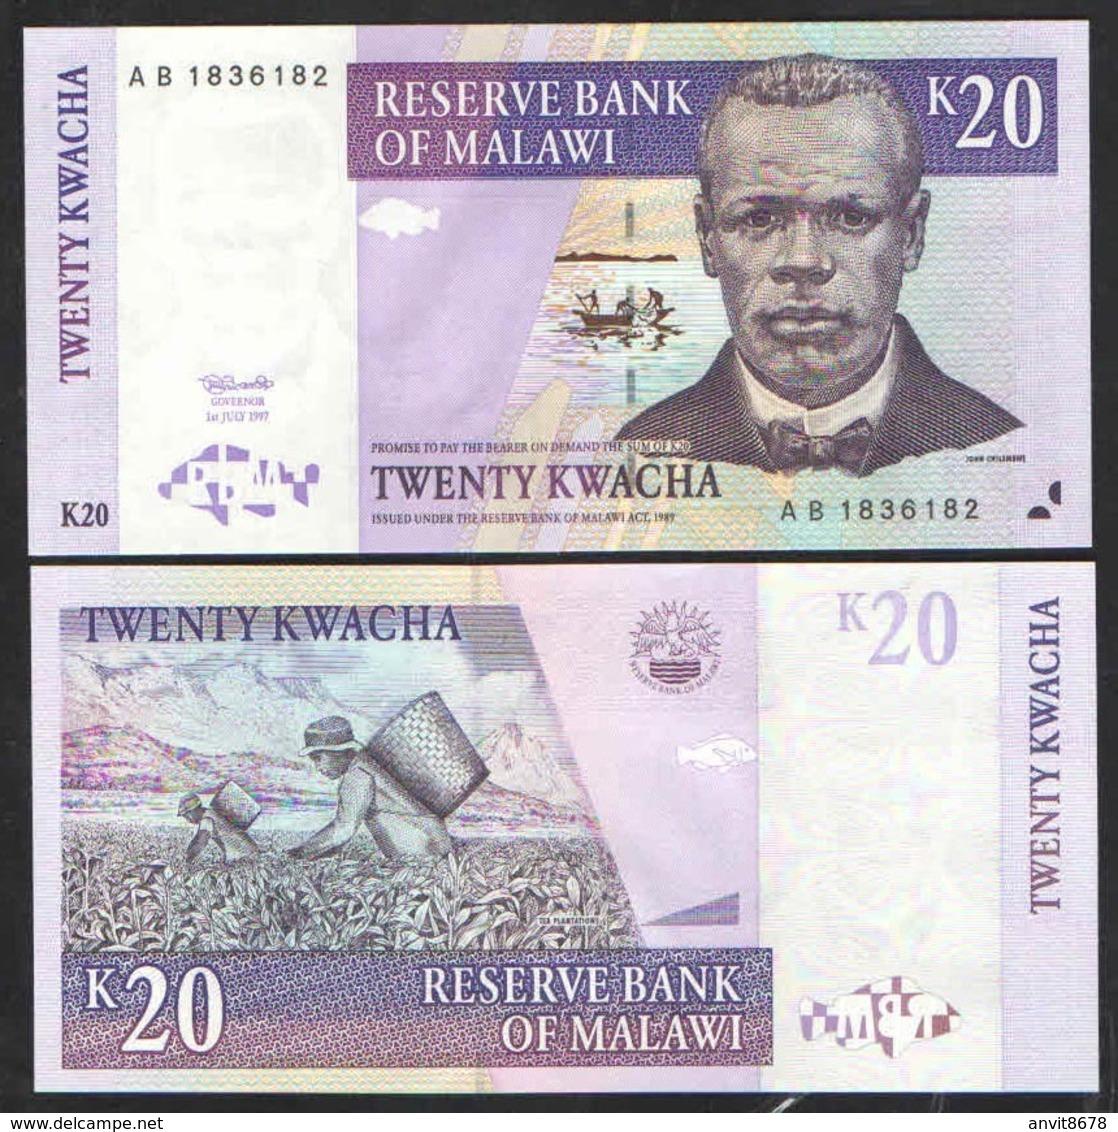 MALAWI  20 KWACHA   1997 UNC - Malawi